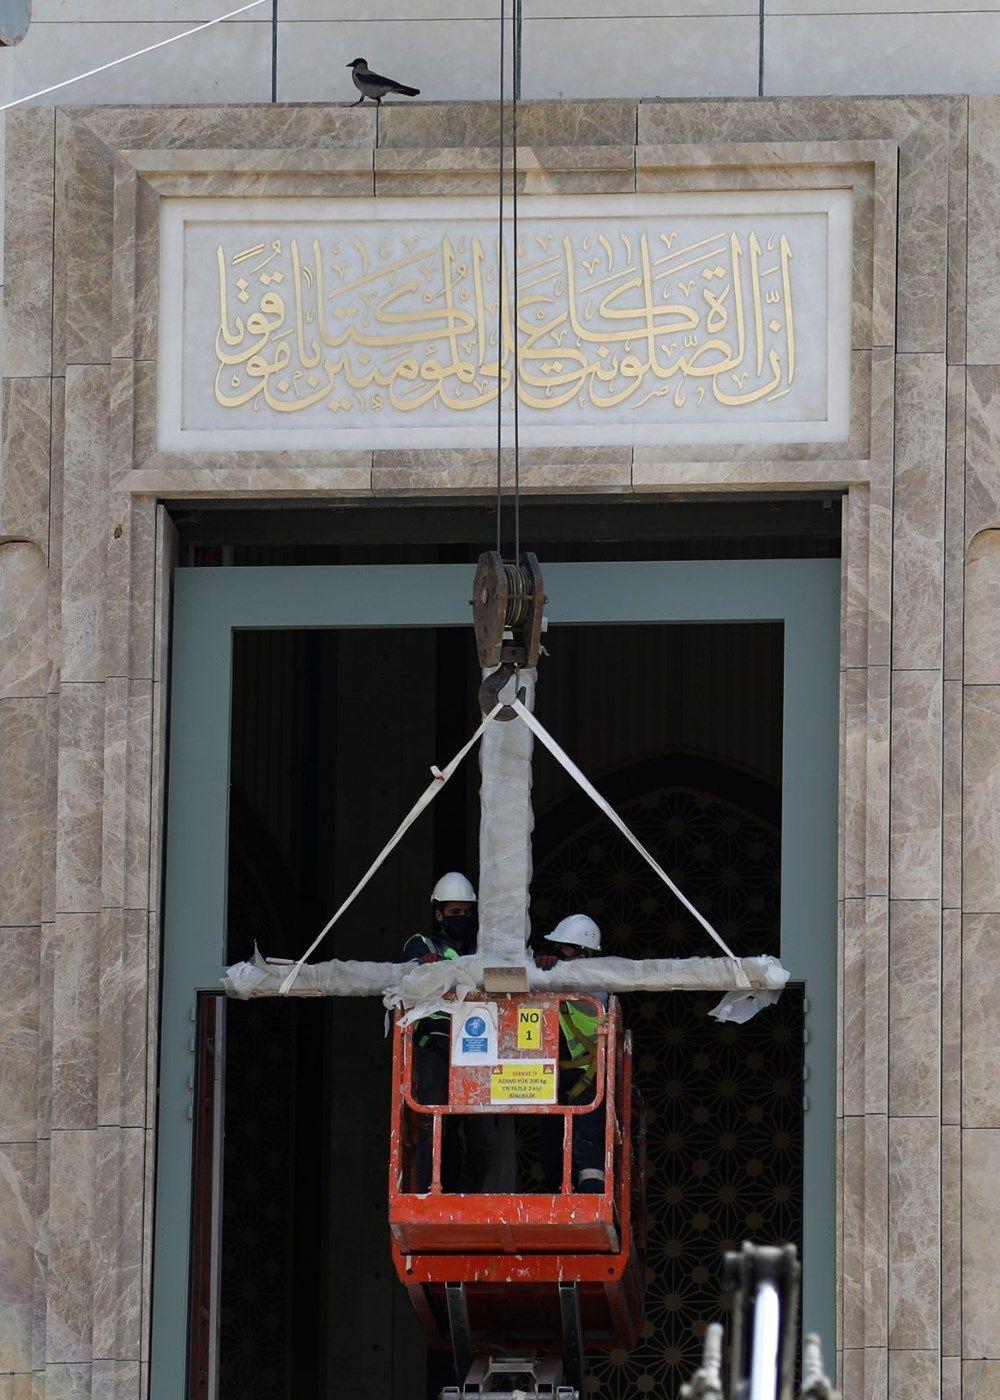 Taksim'de yapımı devam eden caminin dev avizesi ile kapısının kasası takıldı - Sayfa 2